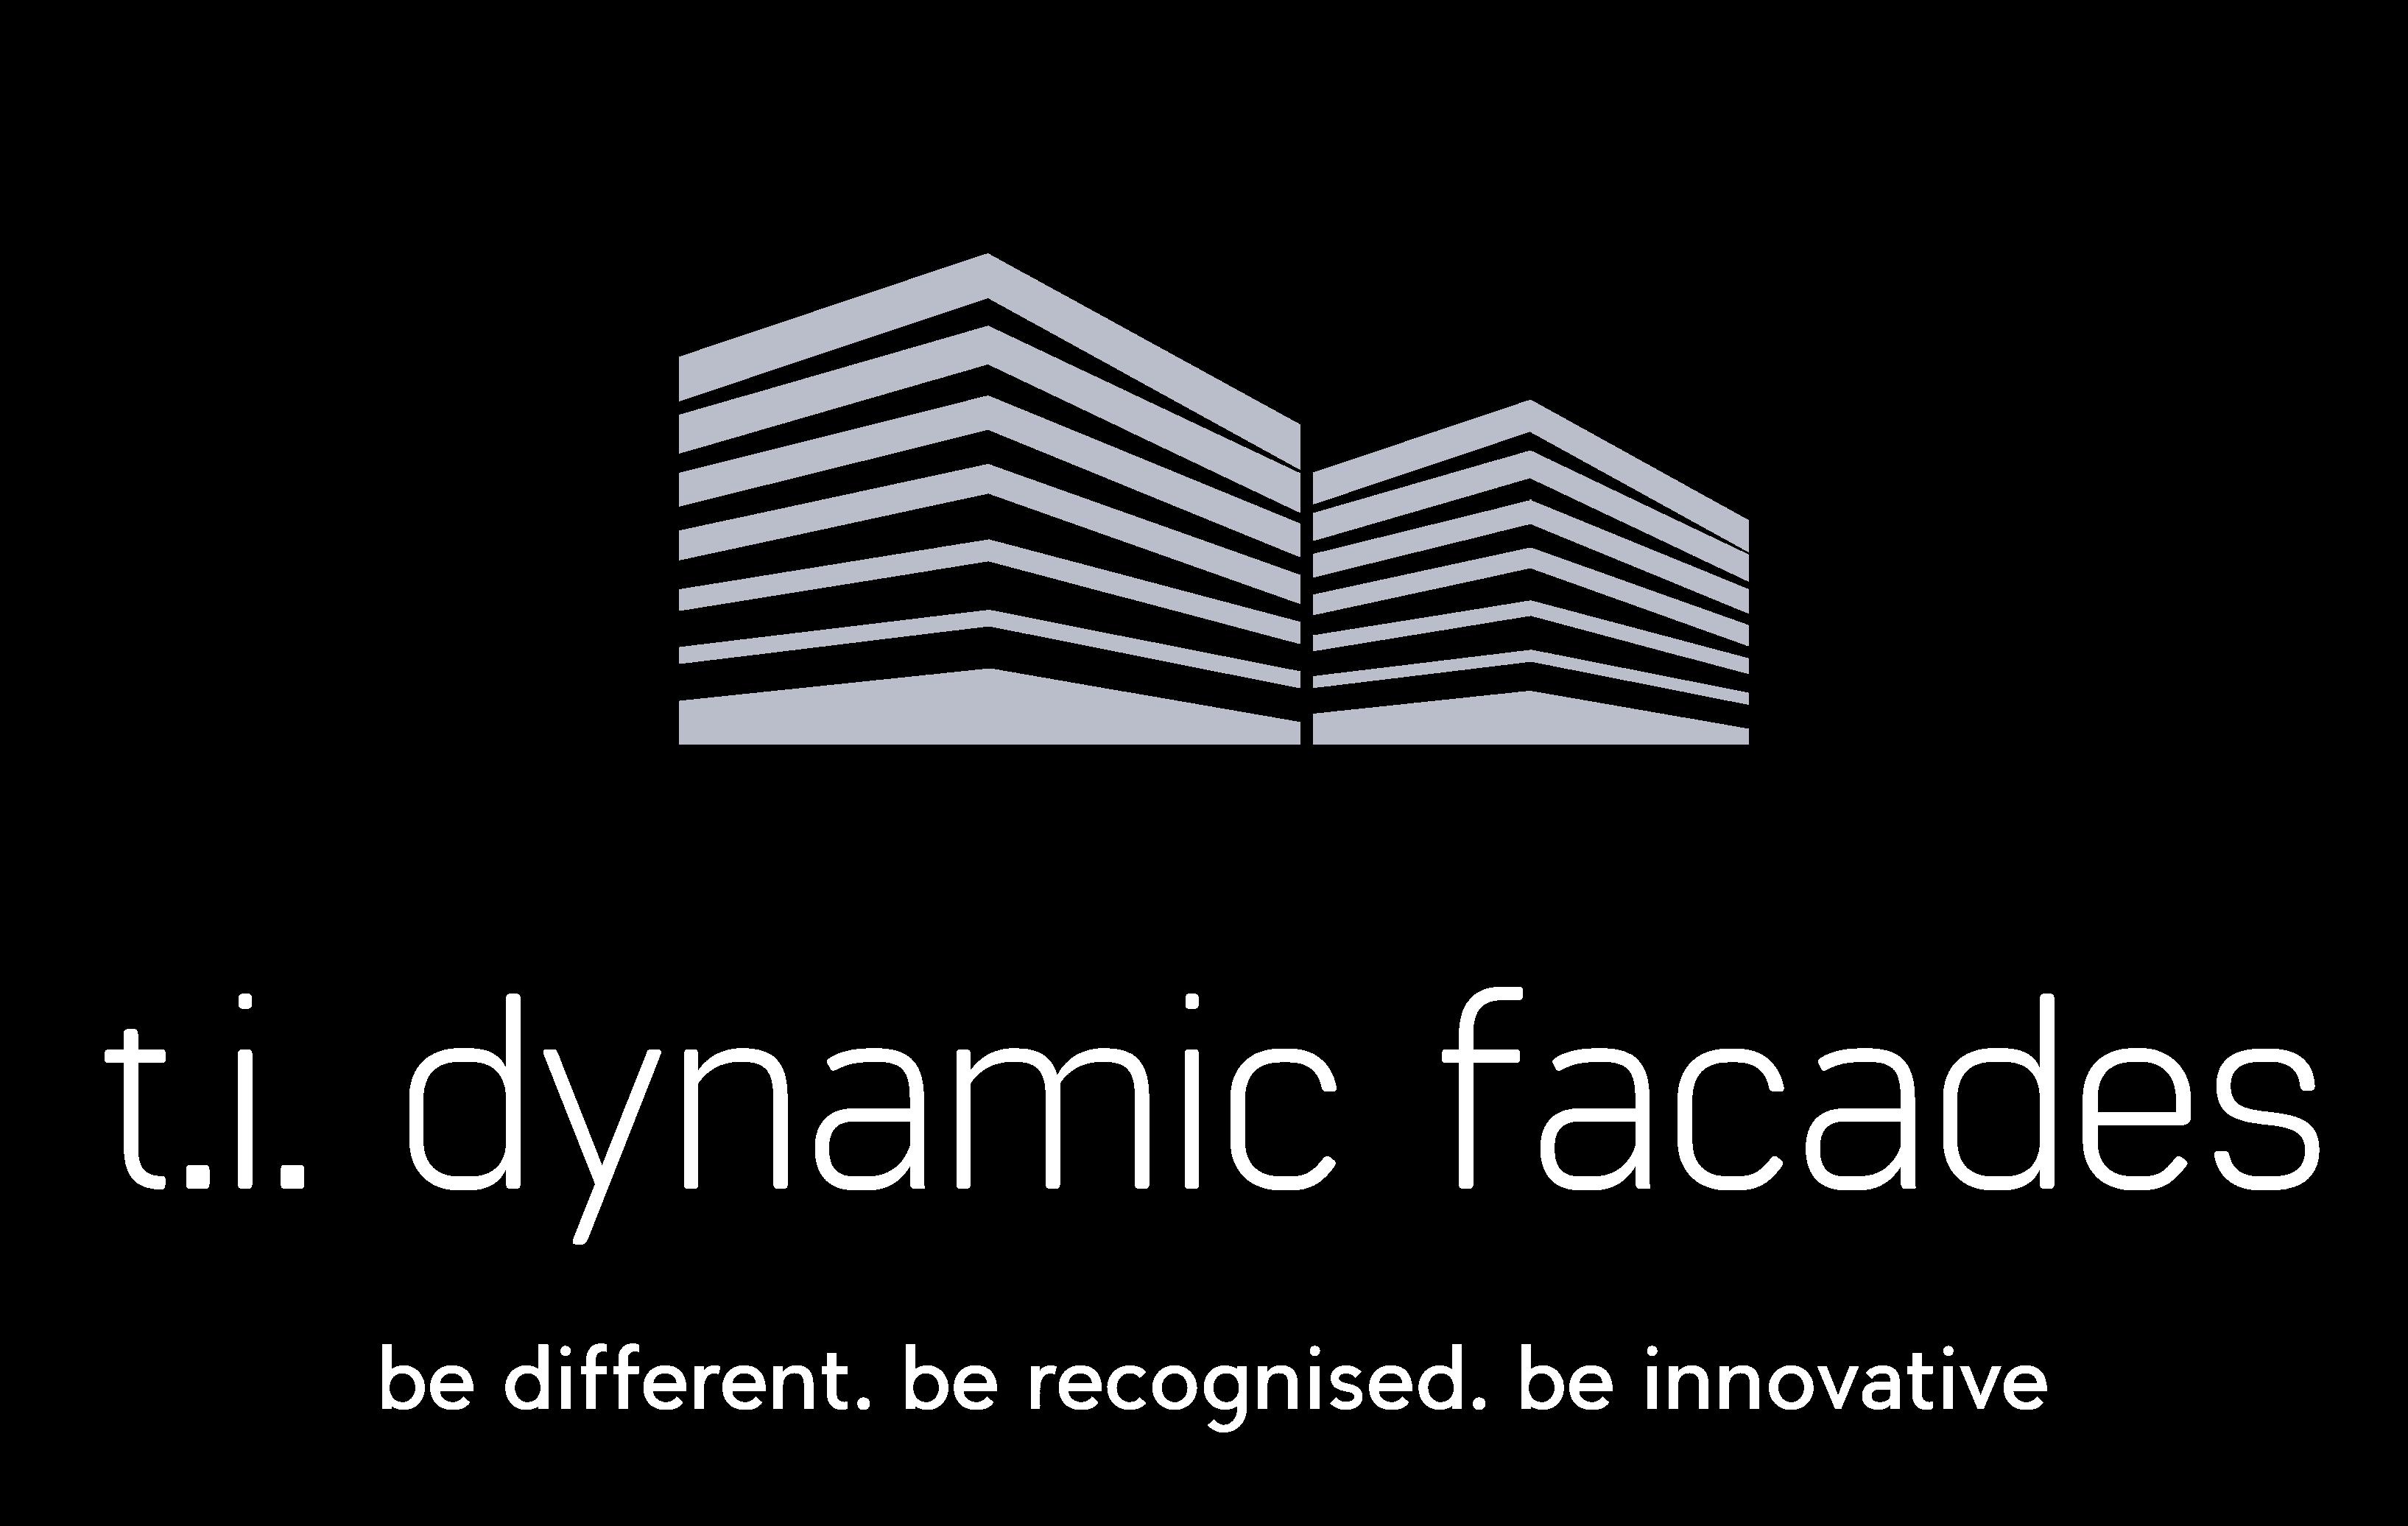 TI Dynamic Facades